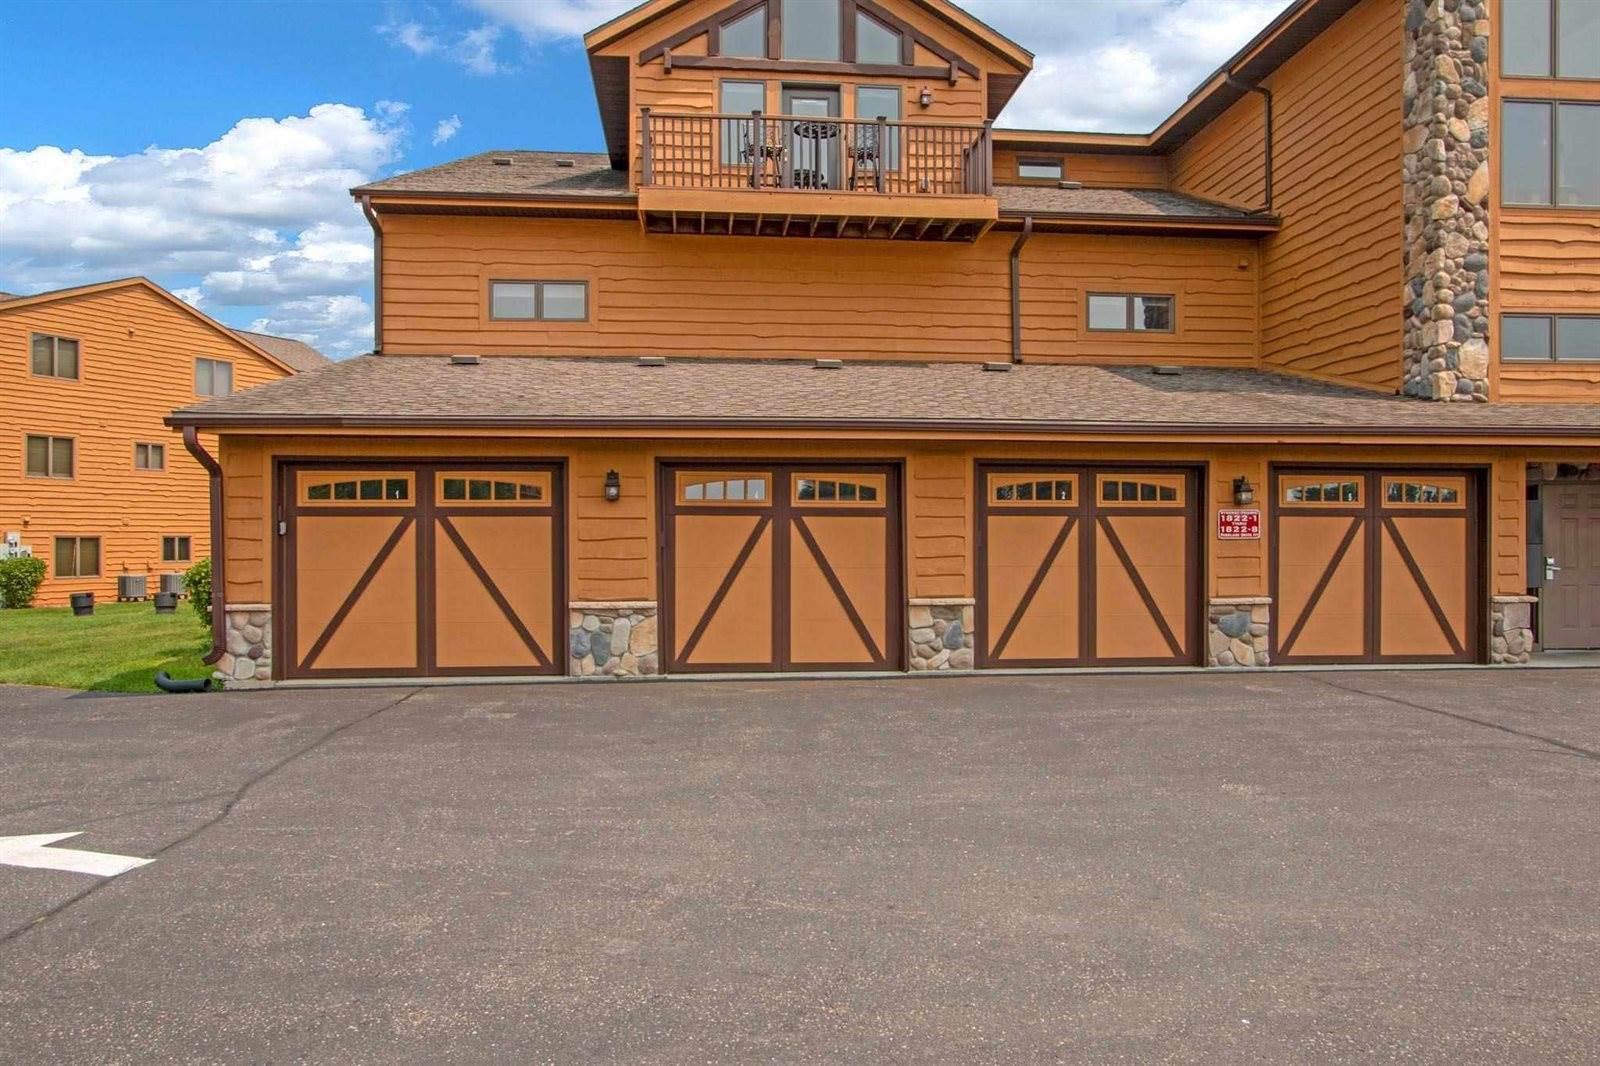 1822-4 Parkland Dr, Unit 704, Strongs Prairie, WI 54613